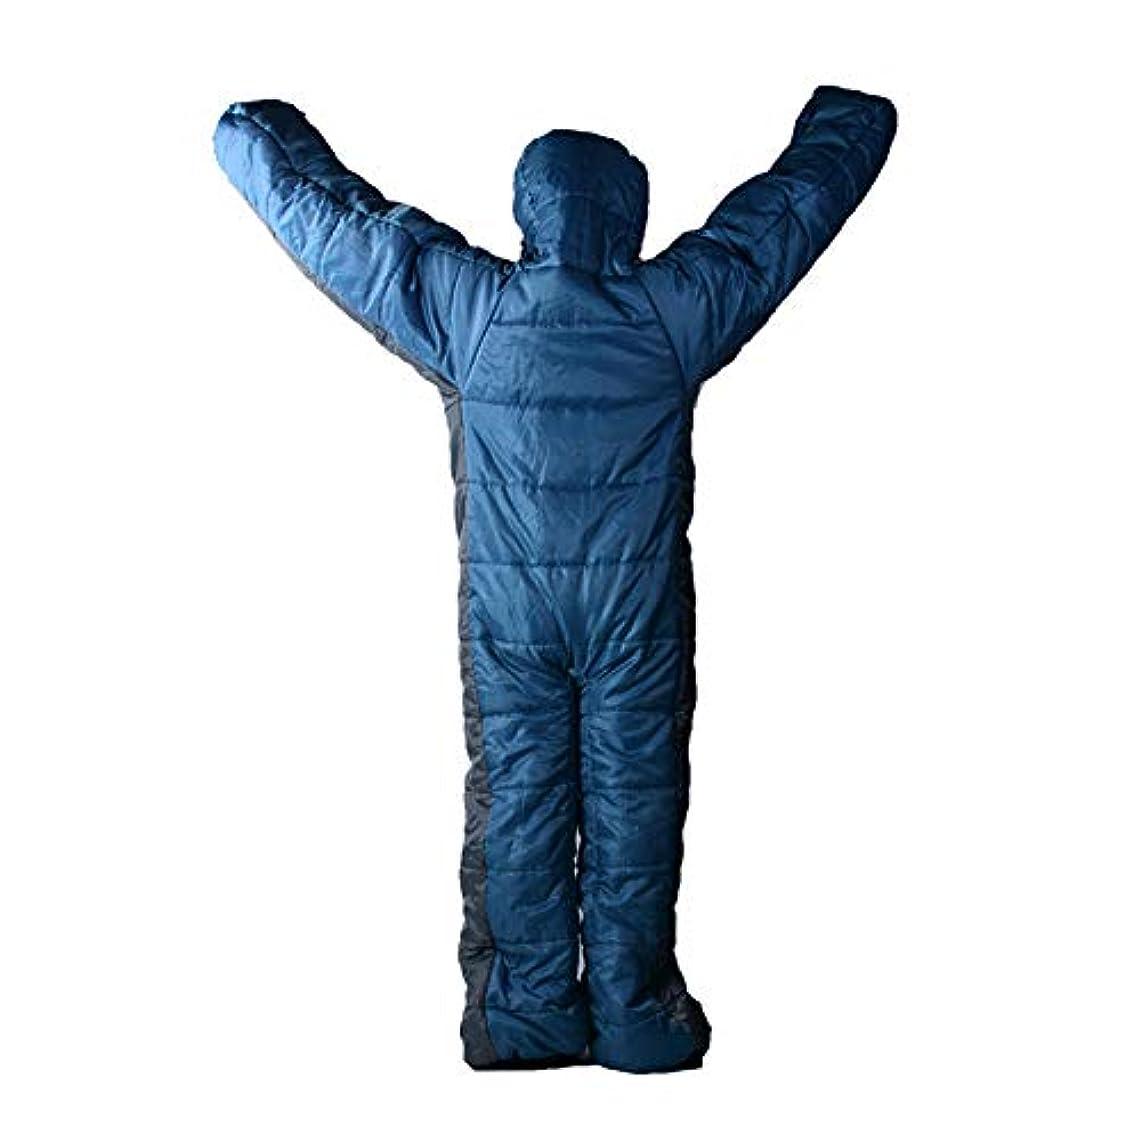 複製些細お気に入り人型寝袋 歩ける寝袋 あったか 防寒 撥水加工 車中泊 キャンプ 冬用 身長150-170cm対応可能 男女兼用